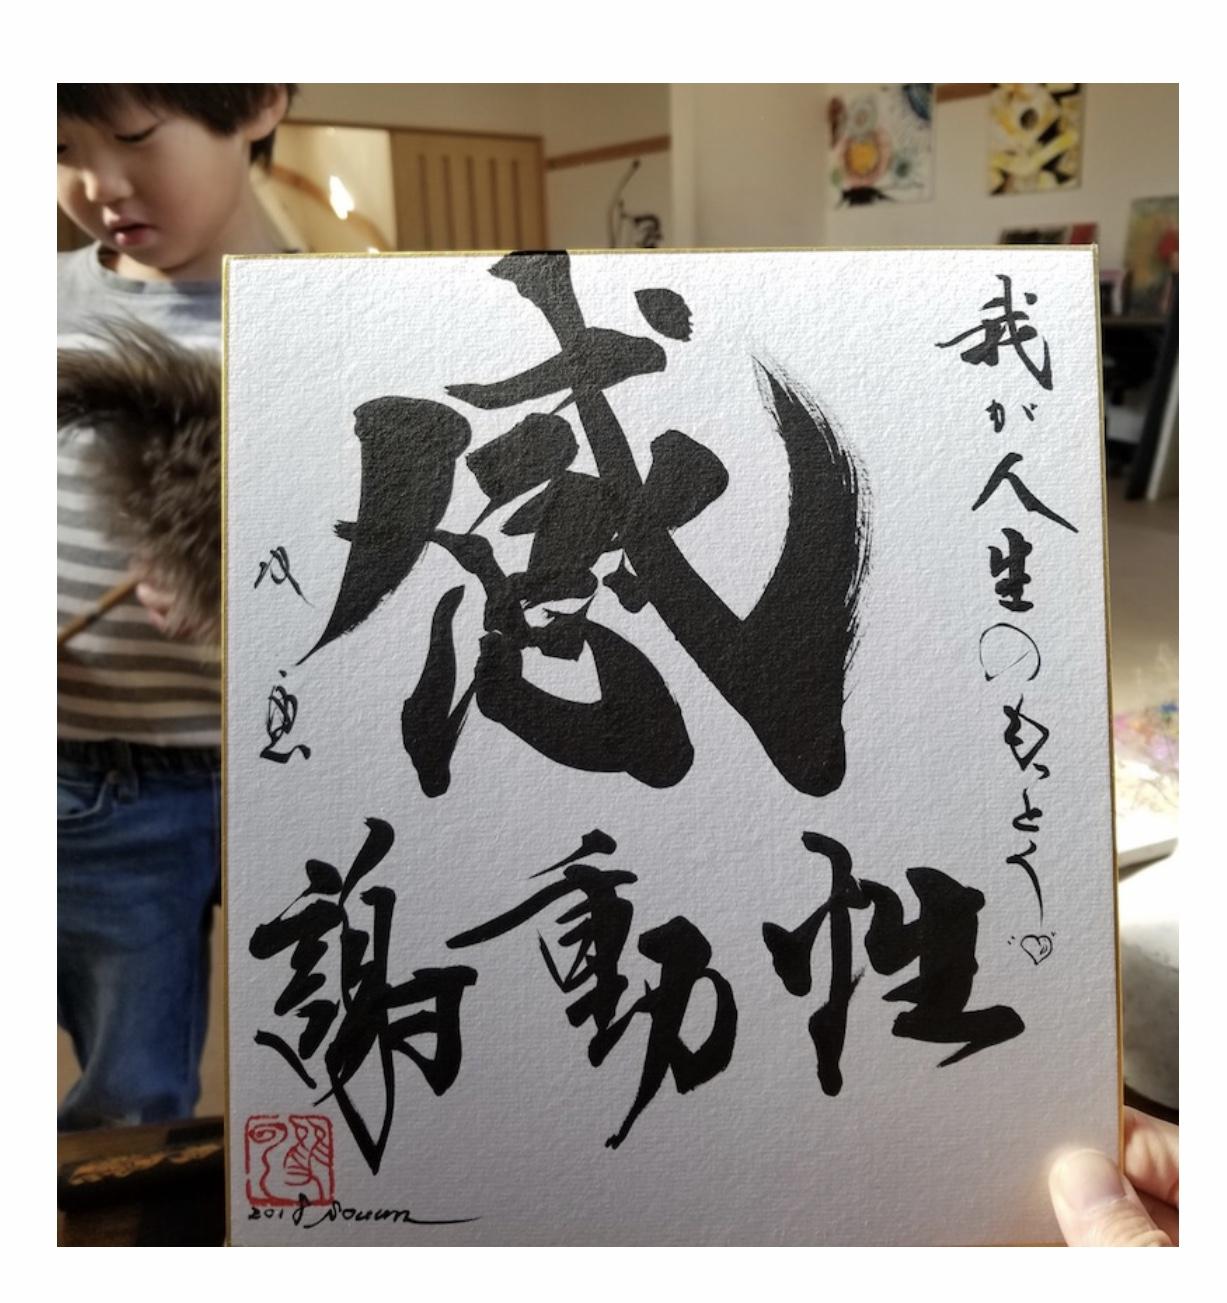 武田双雲さん曰く『自分の幸せを犠牲にするな』